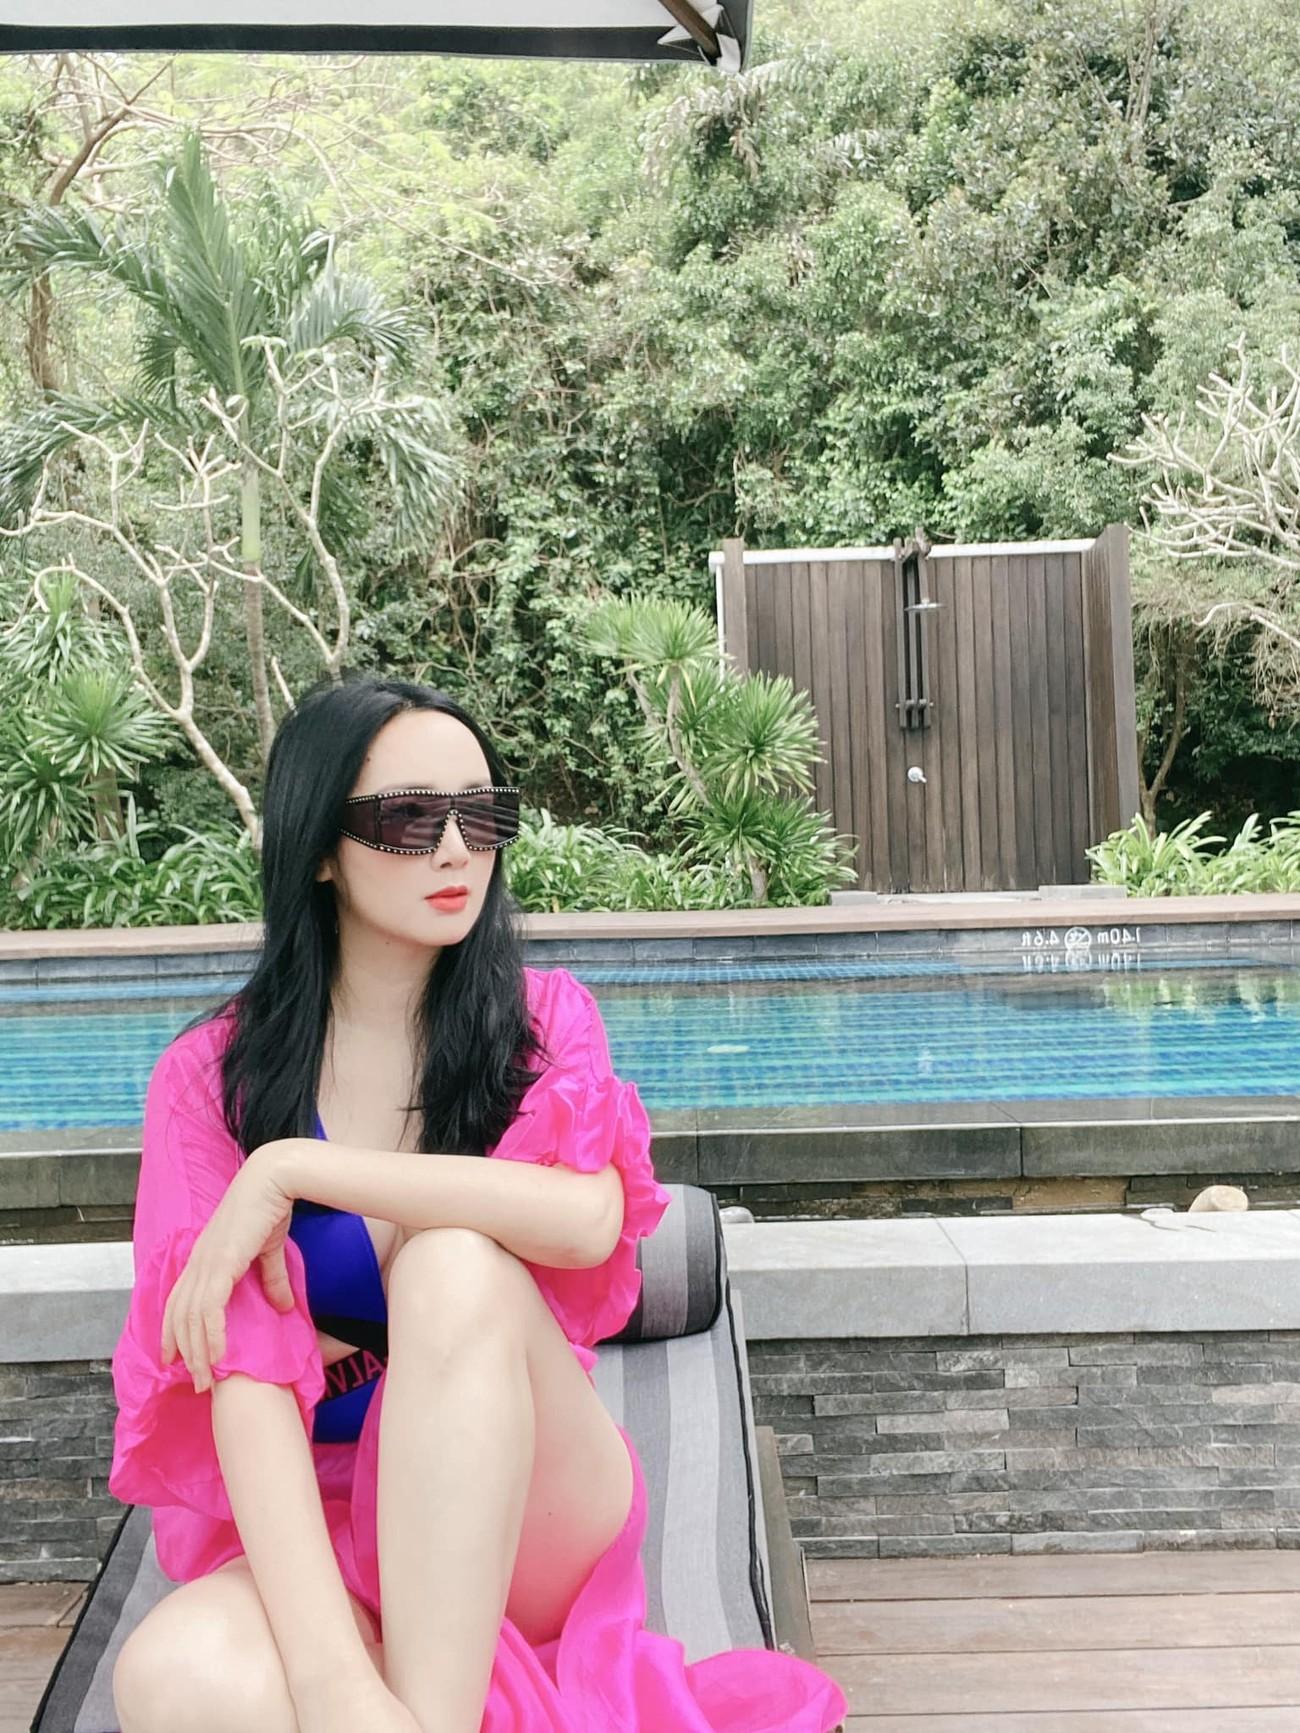 Hoa hậu Giáng My khoe khéo body gợi cảm và vẻ đẹp không tuổi những ngày đầu năm mới ảnh 3